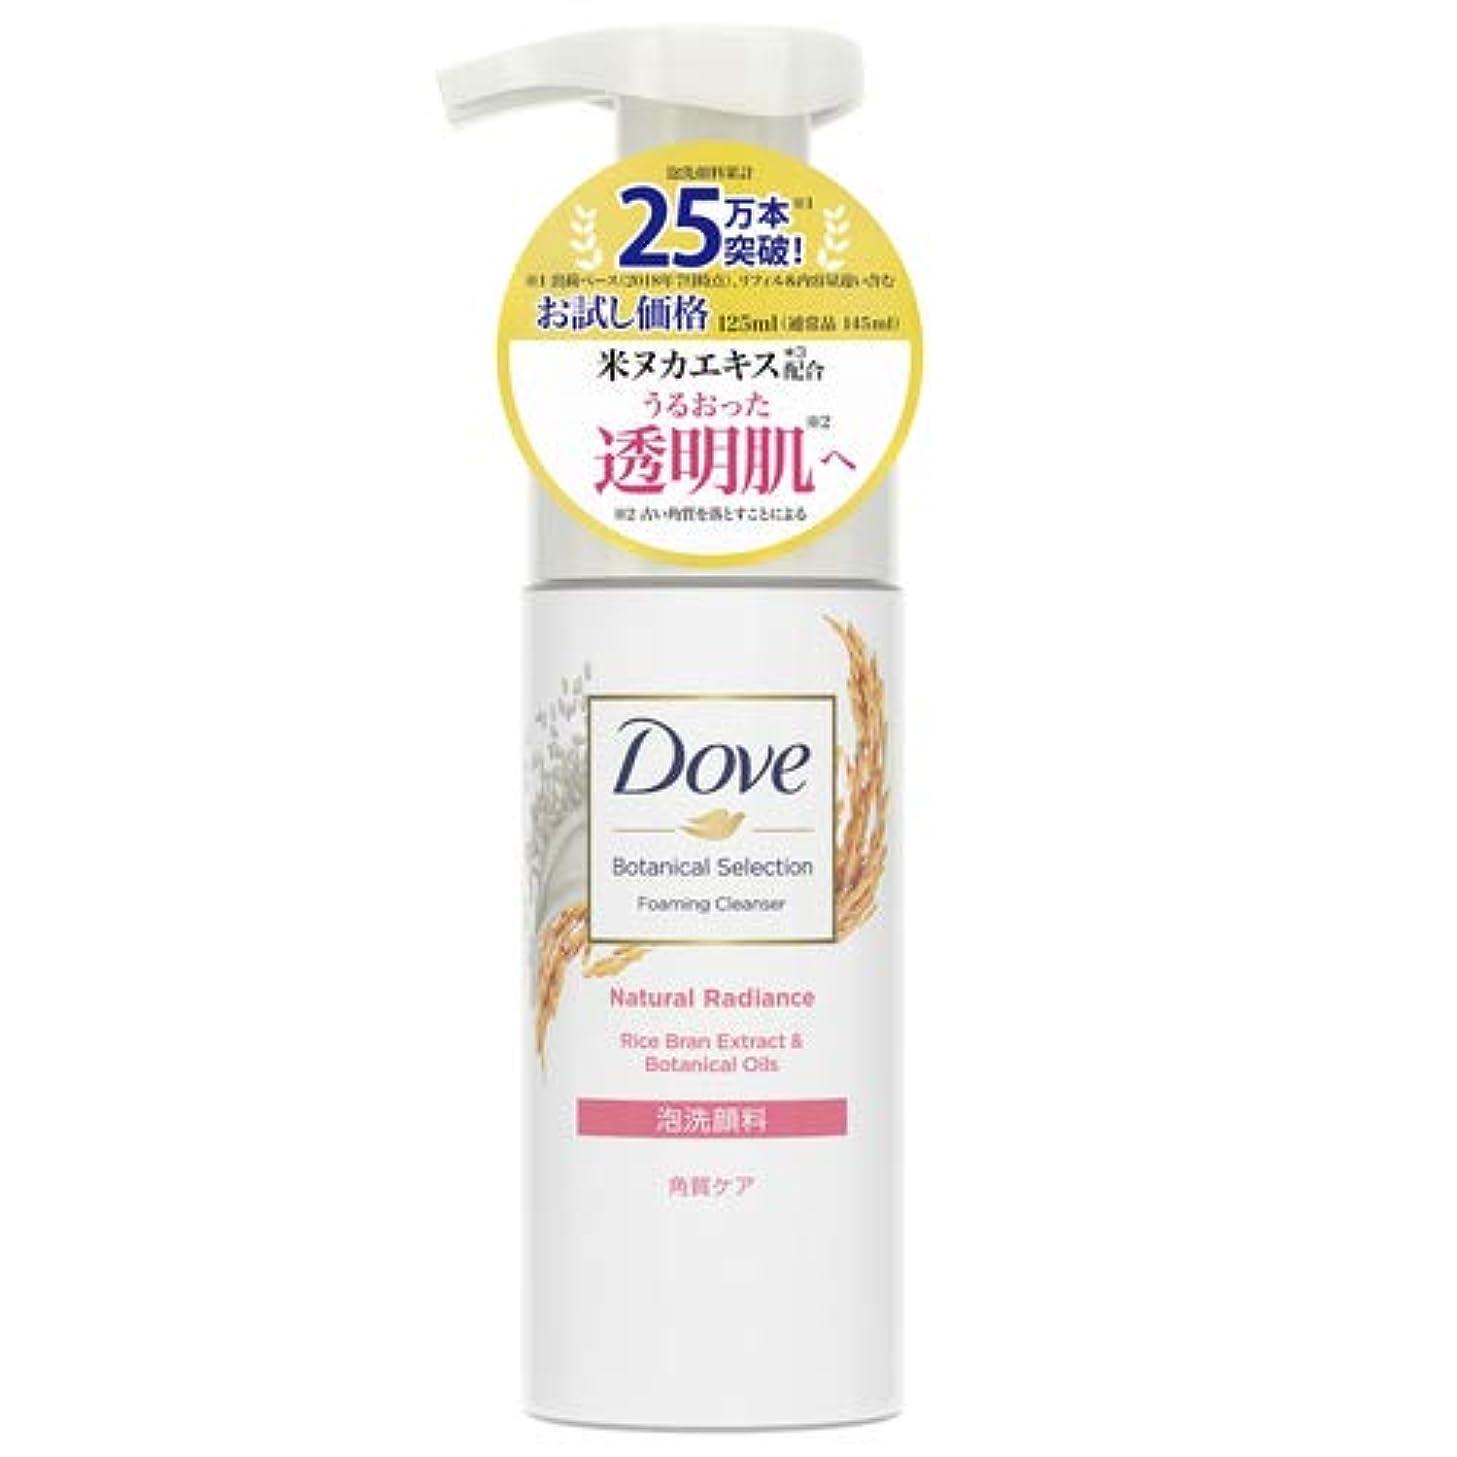 適応的測る仮説Dove(ダヴ) ダヴBナチュラル泡洗顔料 お試し価格125ML 125ml